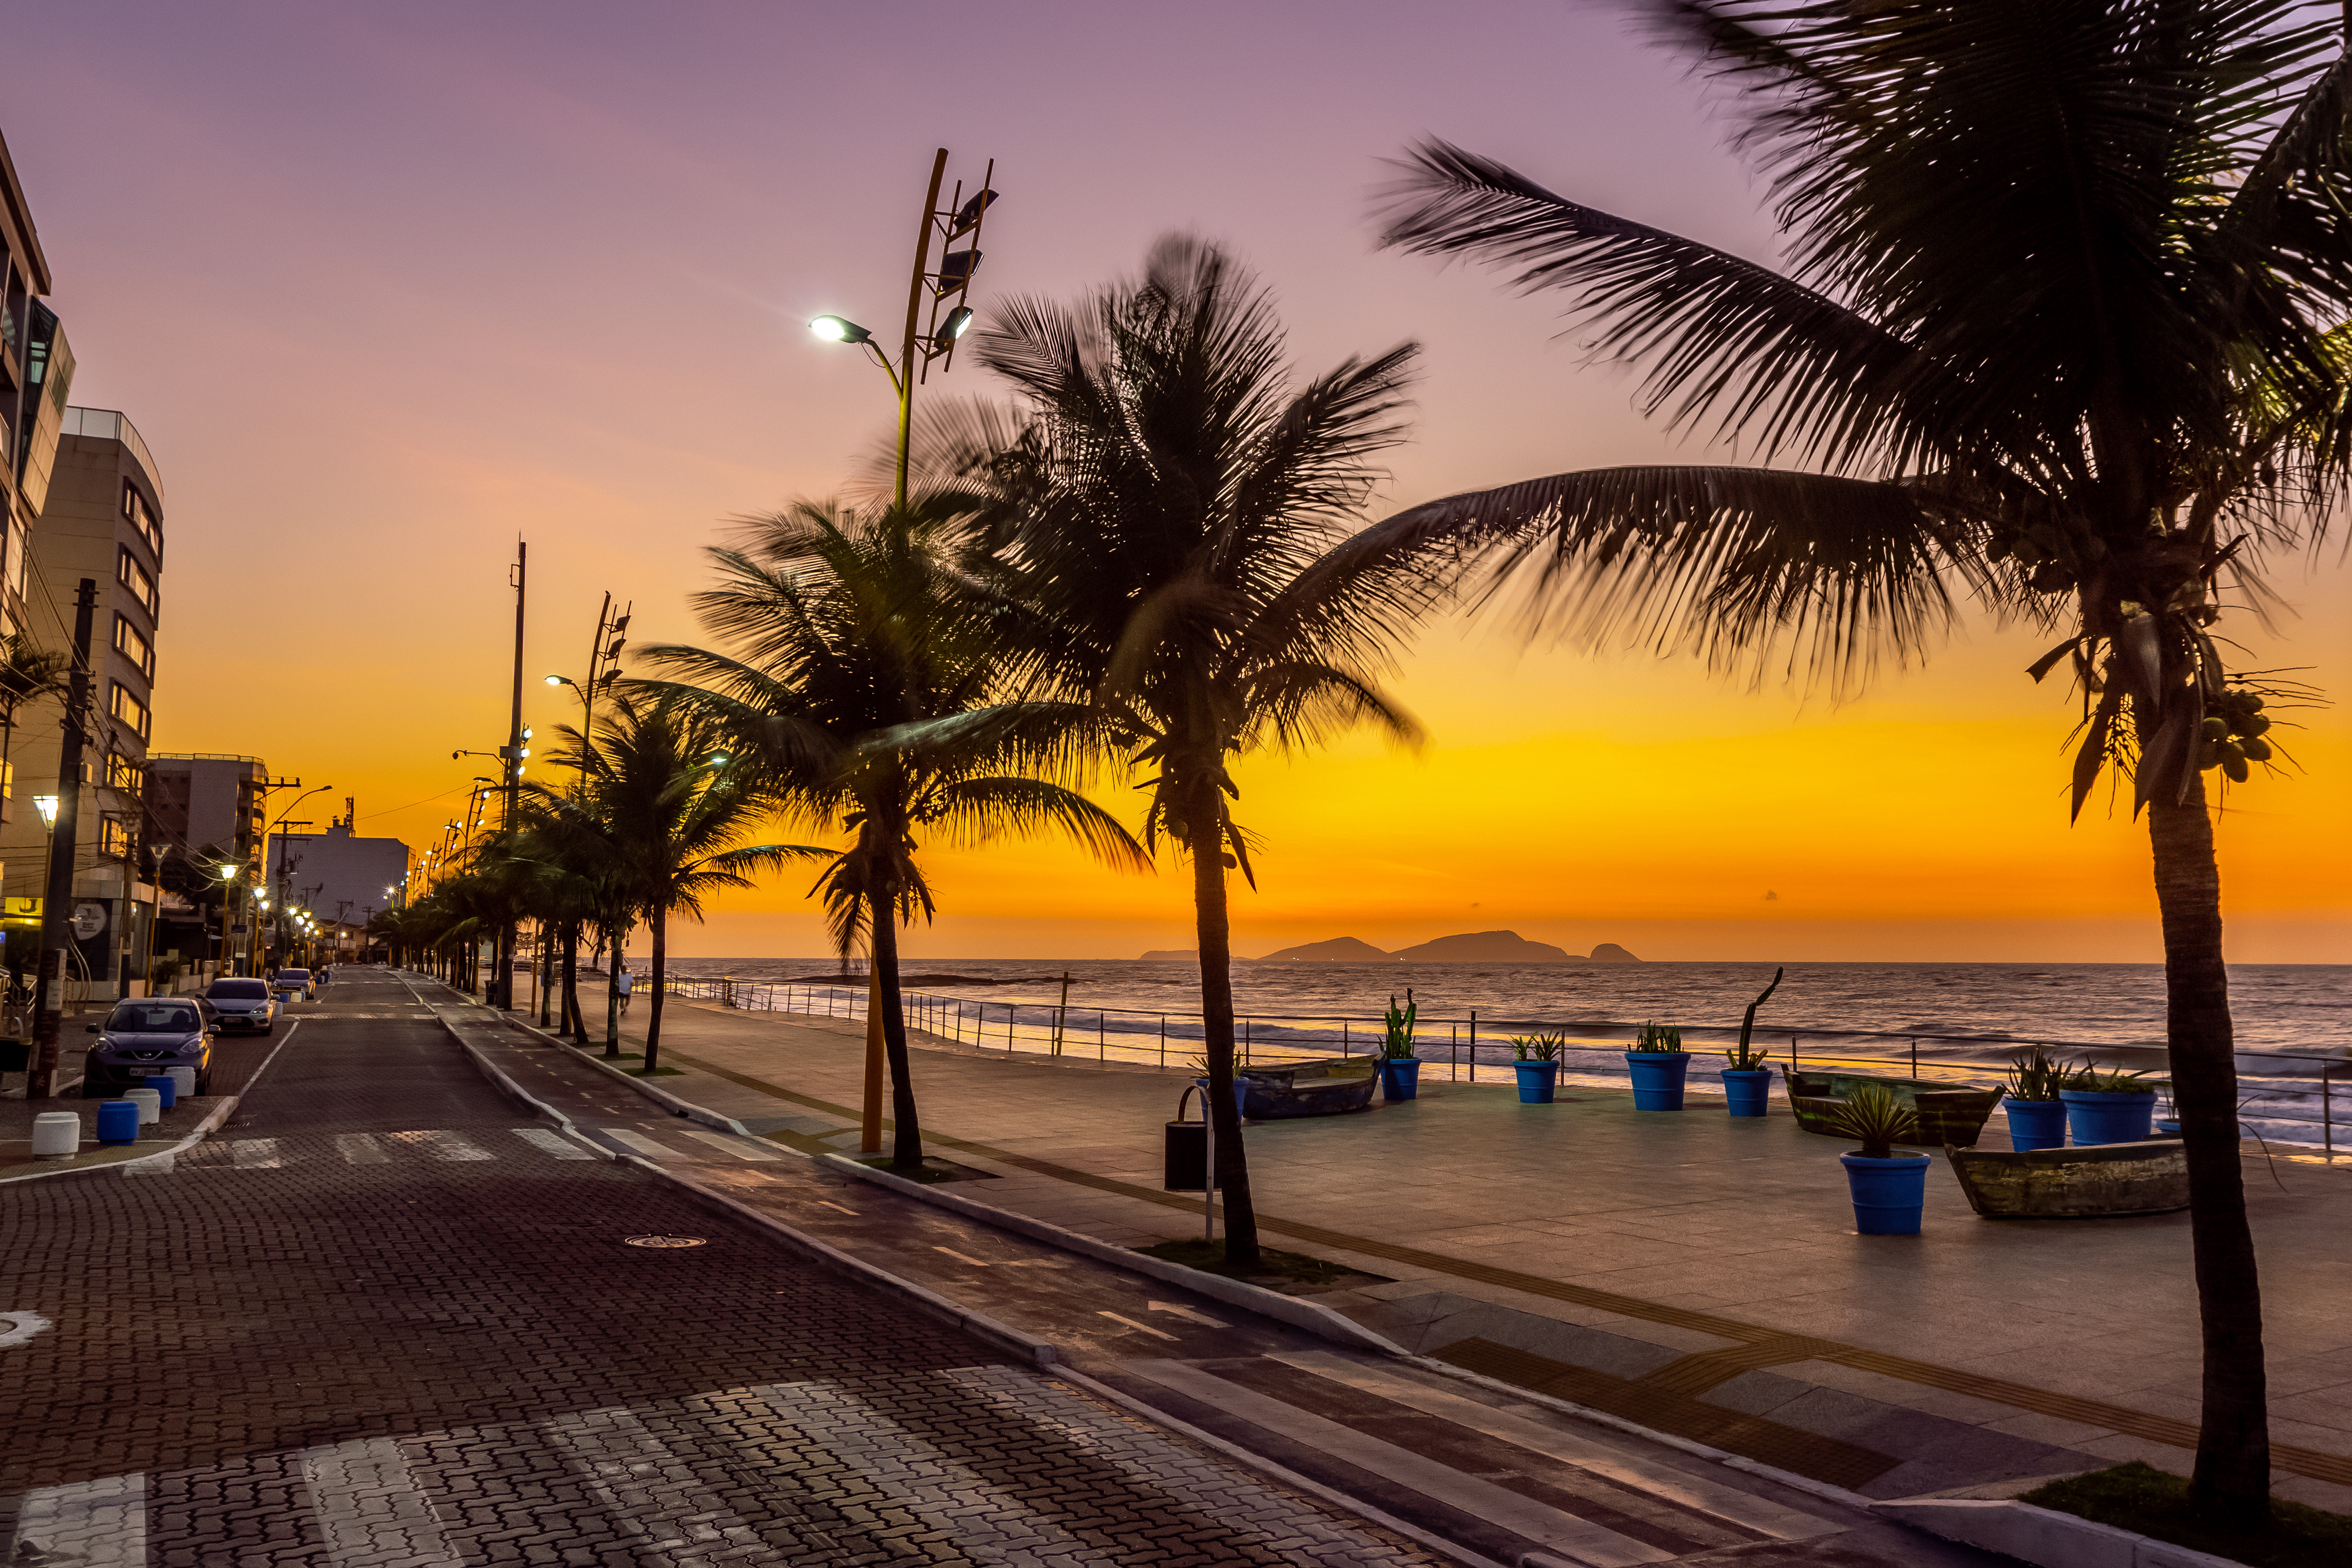 13 municípios participam desta edição Costa do Sol